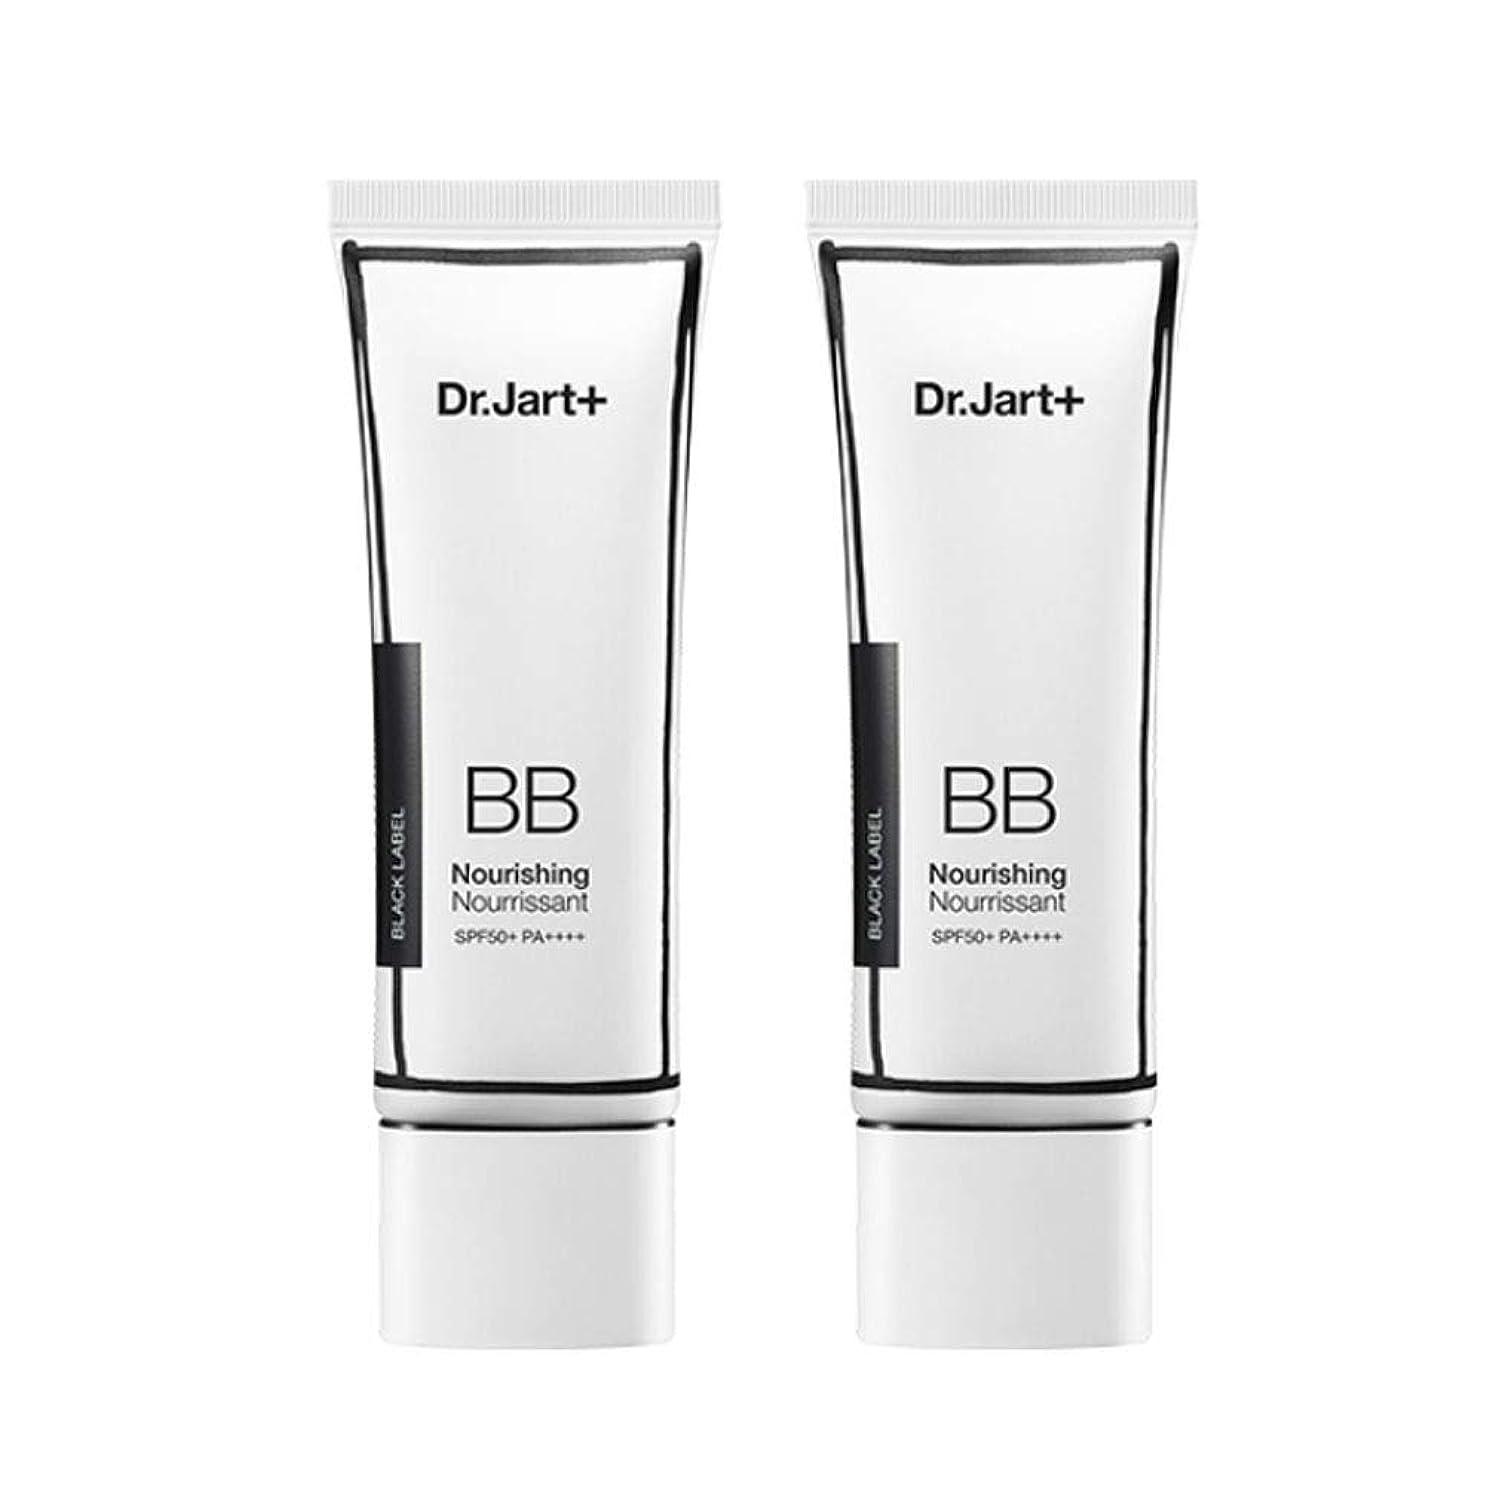 テーブル不機嫌上向きドクタージャルトゥザメイクアップノリシンビューティーbalm 50ml x 2本セットBBクリーム、Dr.Jart Dermakeup Nourishing Beauty Balm 50ml x 2ea Set BB Cream [並行輸入品]